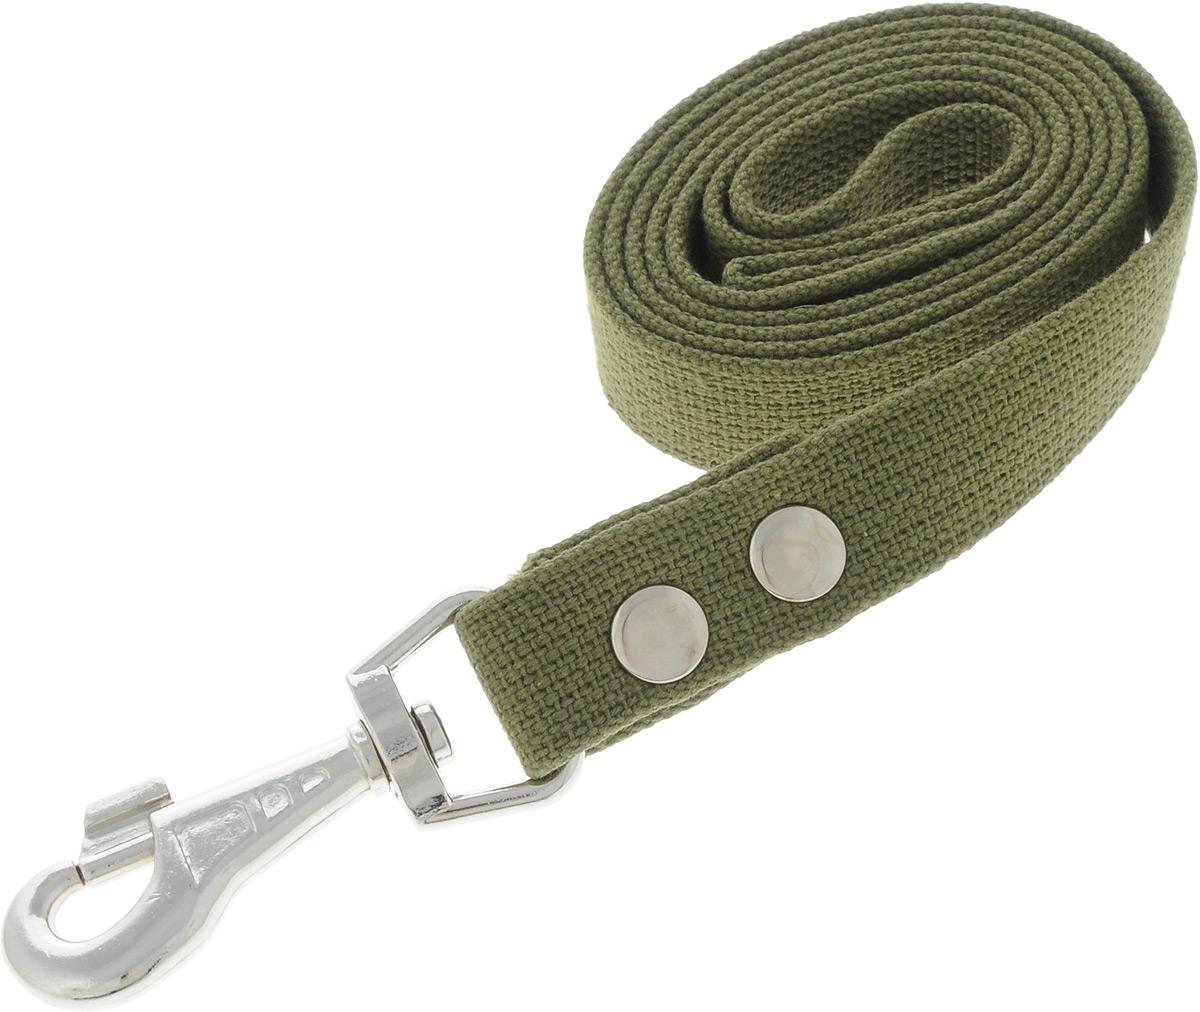 Поводок брезентовый для собак Adel-Dog, ширина 2,5 см, длина 1,5 м20623Поводок для собак Adel-Dog, изготовленный из высококачественной брезентовой ткани, снабжен металлическим карабином. Изделие отличается не только исключительной надежностью и удобством, но и привлекательным дизайном.Поводок - необходимый аксессуар для собаки. Ведь в опасных ситуациях именно он способен спасти жизнь вашему любимому питомцу. Иногда нужно ограничивать свободу своего четвероногого друга, чтобы защитить его или себя от неприятностей на прогулке. Длина поводка: 1,5 м.Ширина поводка: 2,5 см.